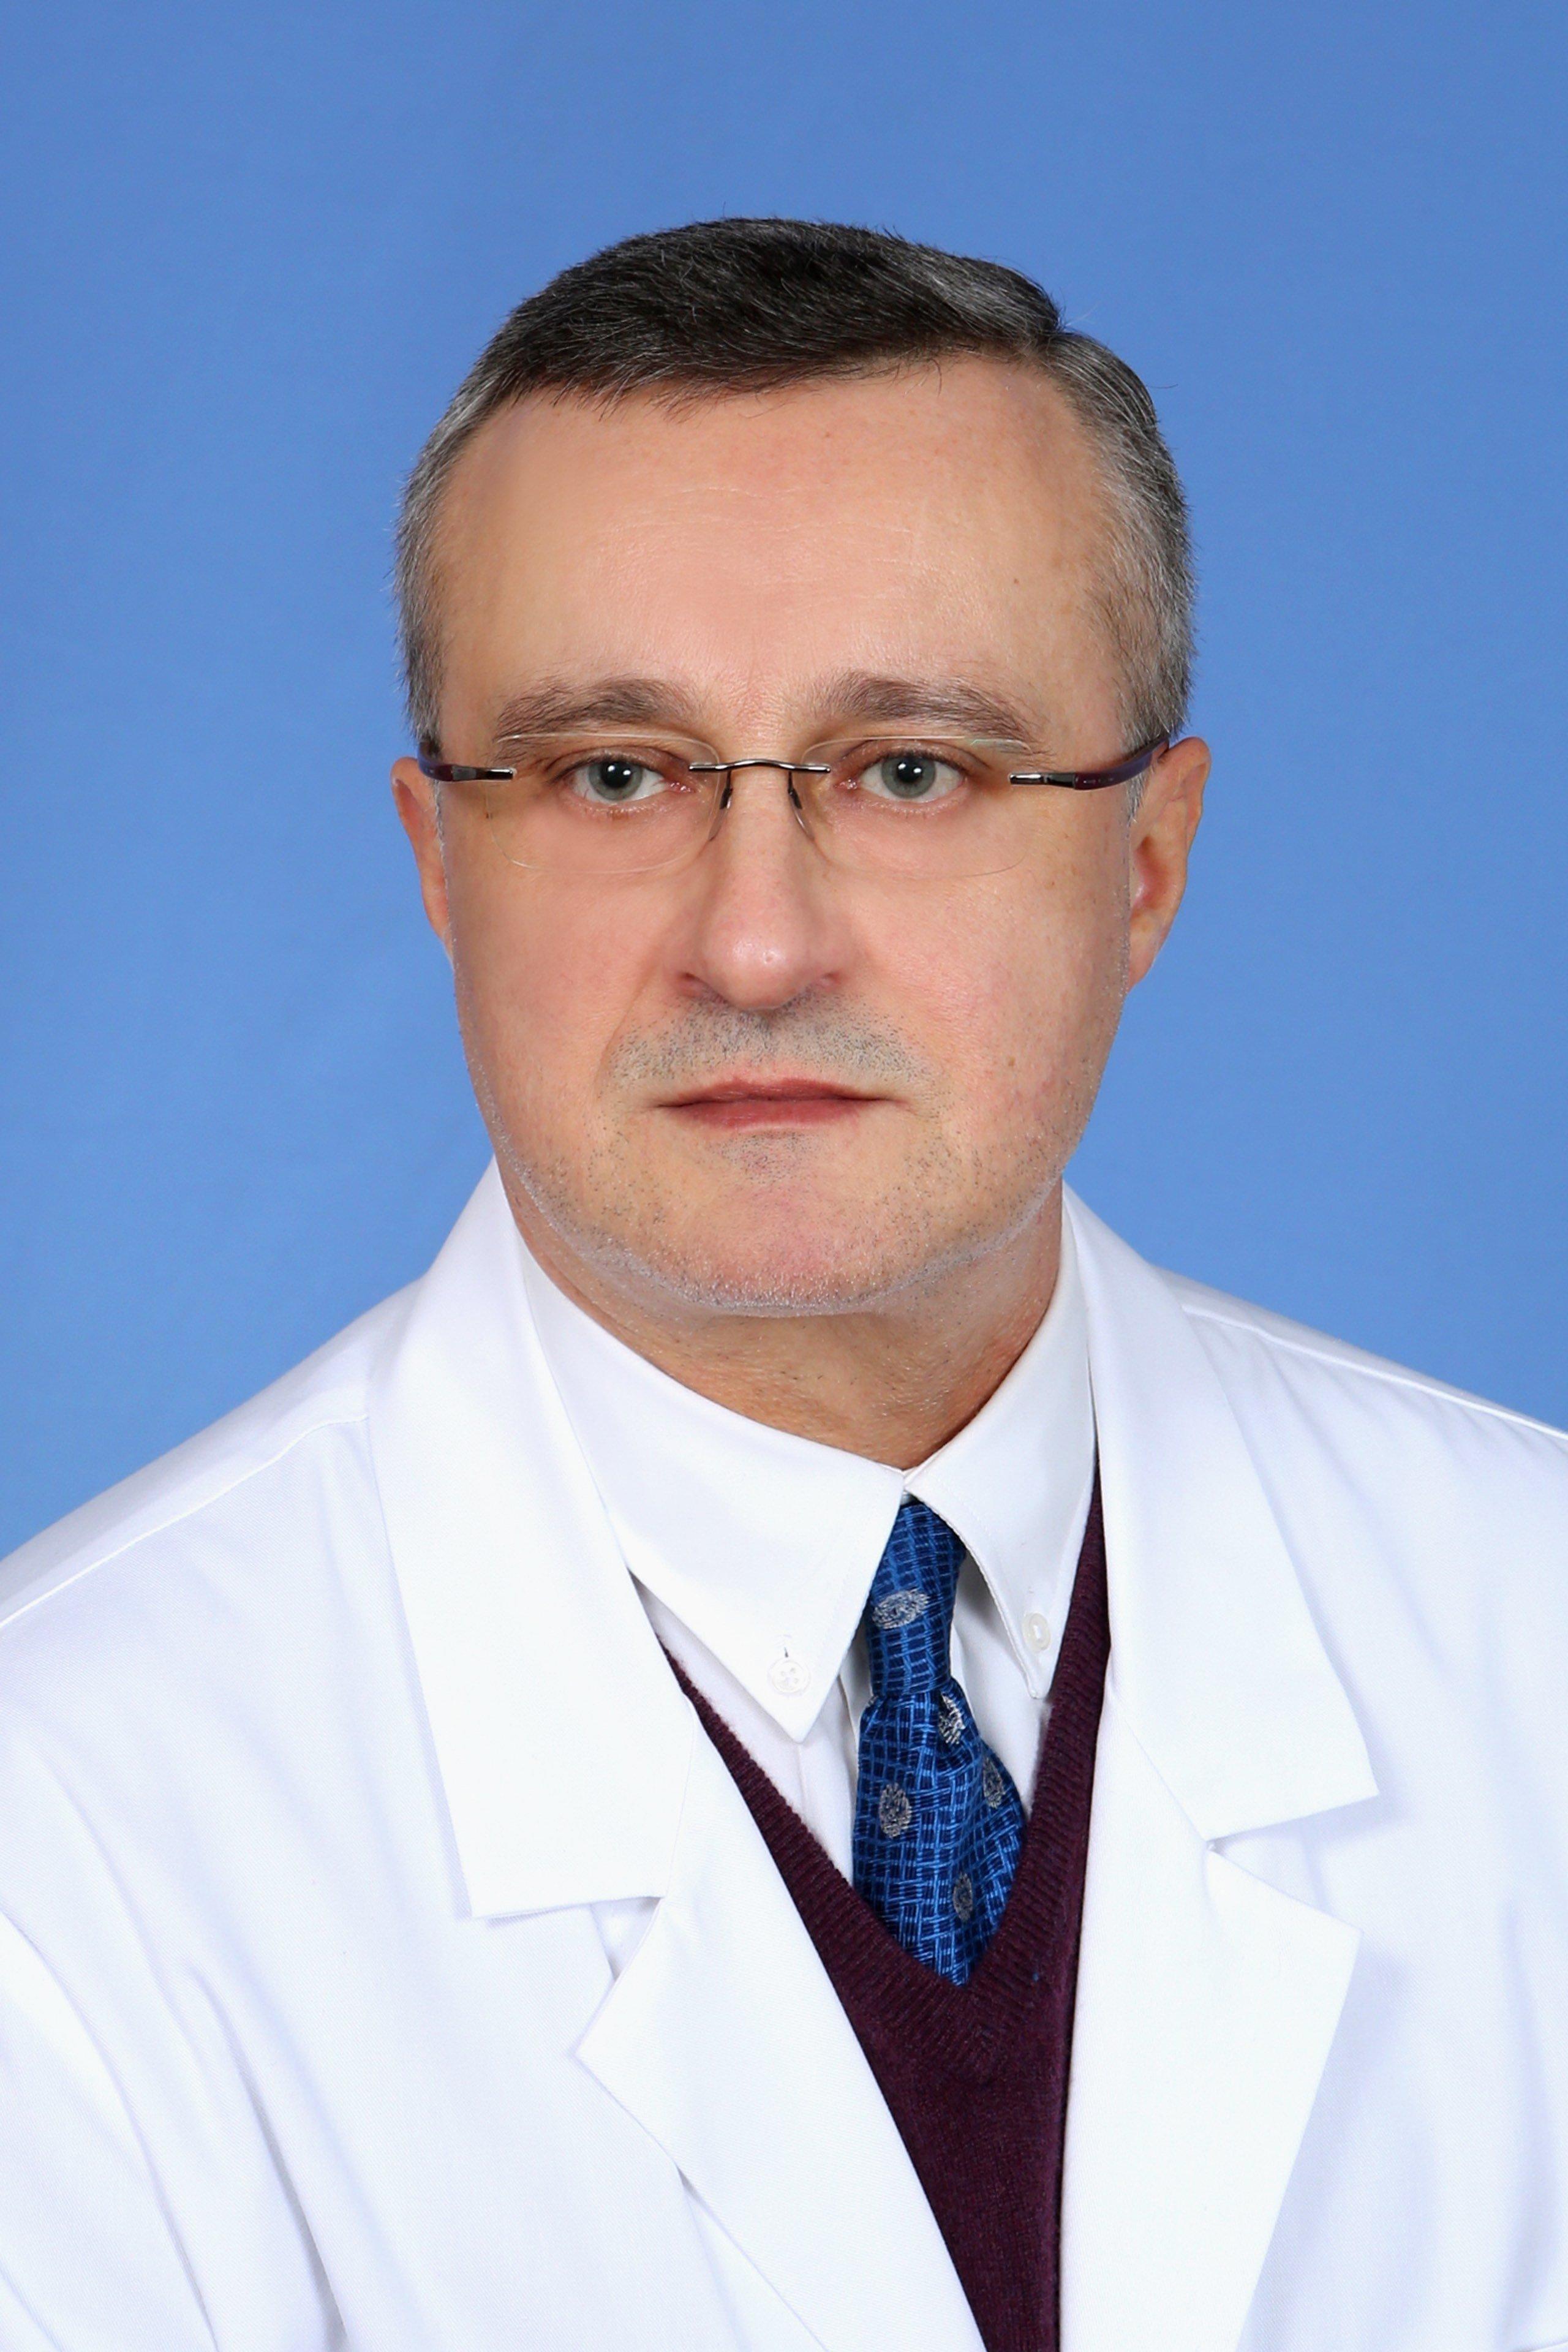 Jacek Borawski